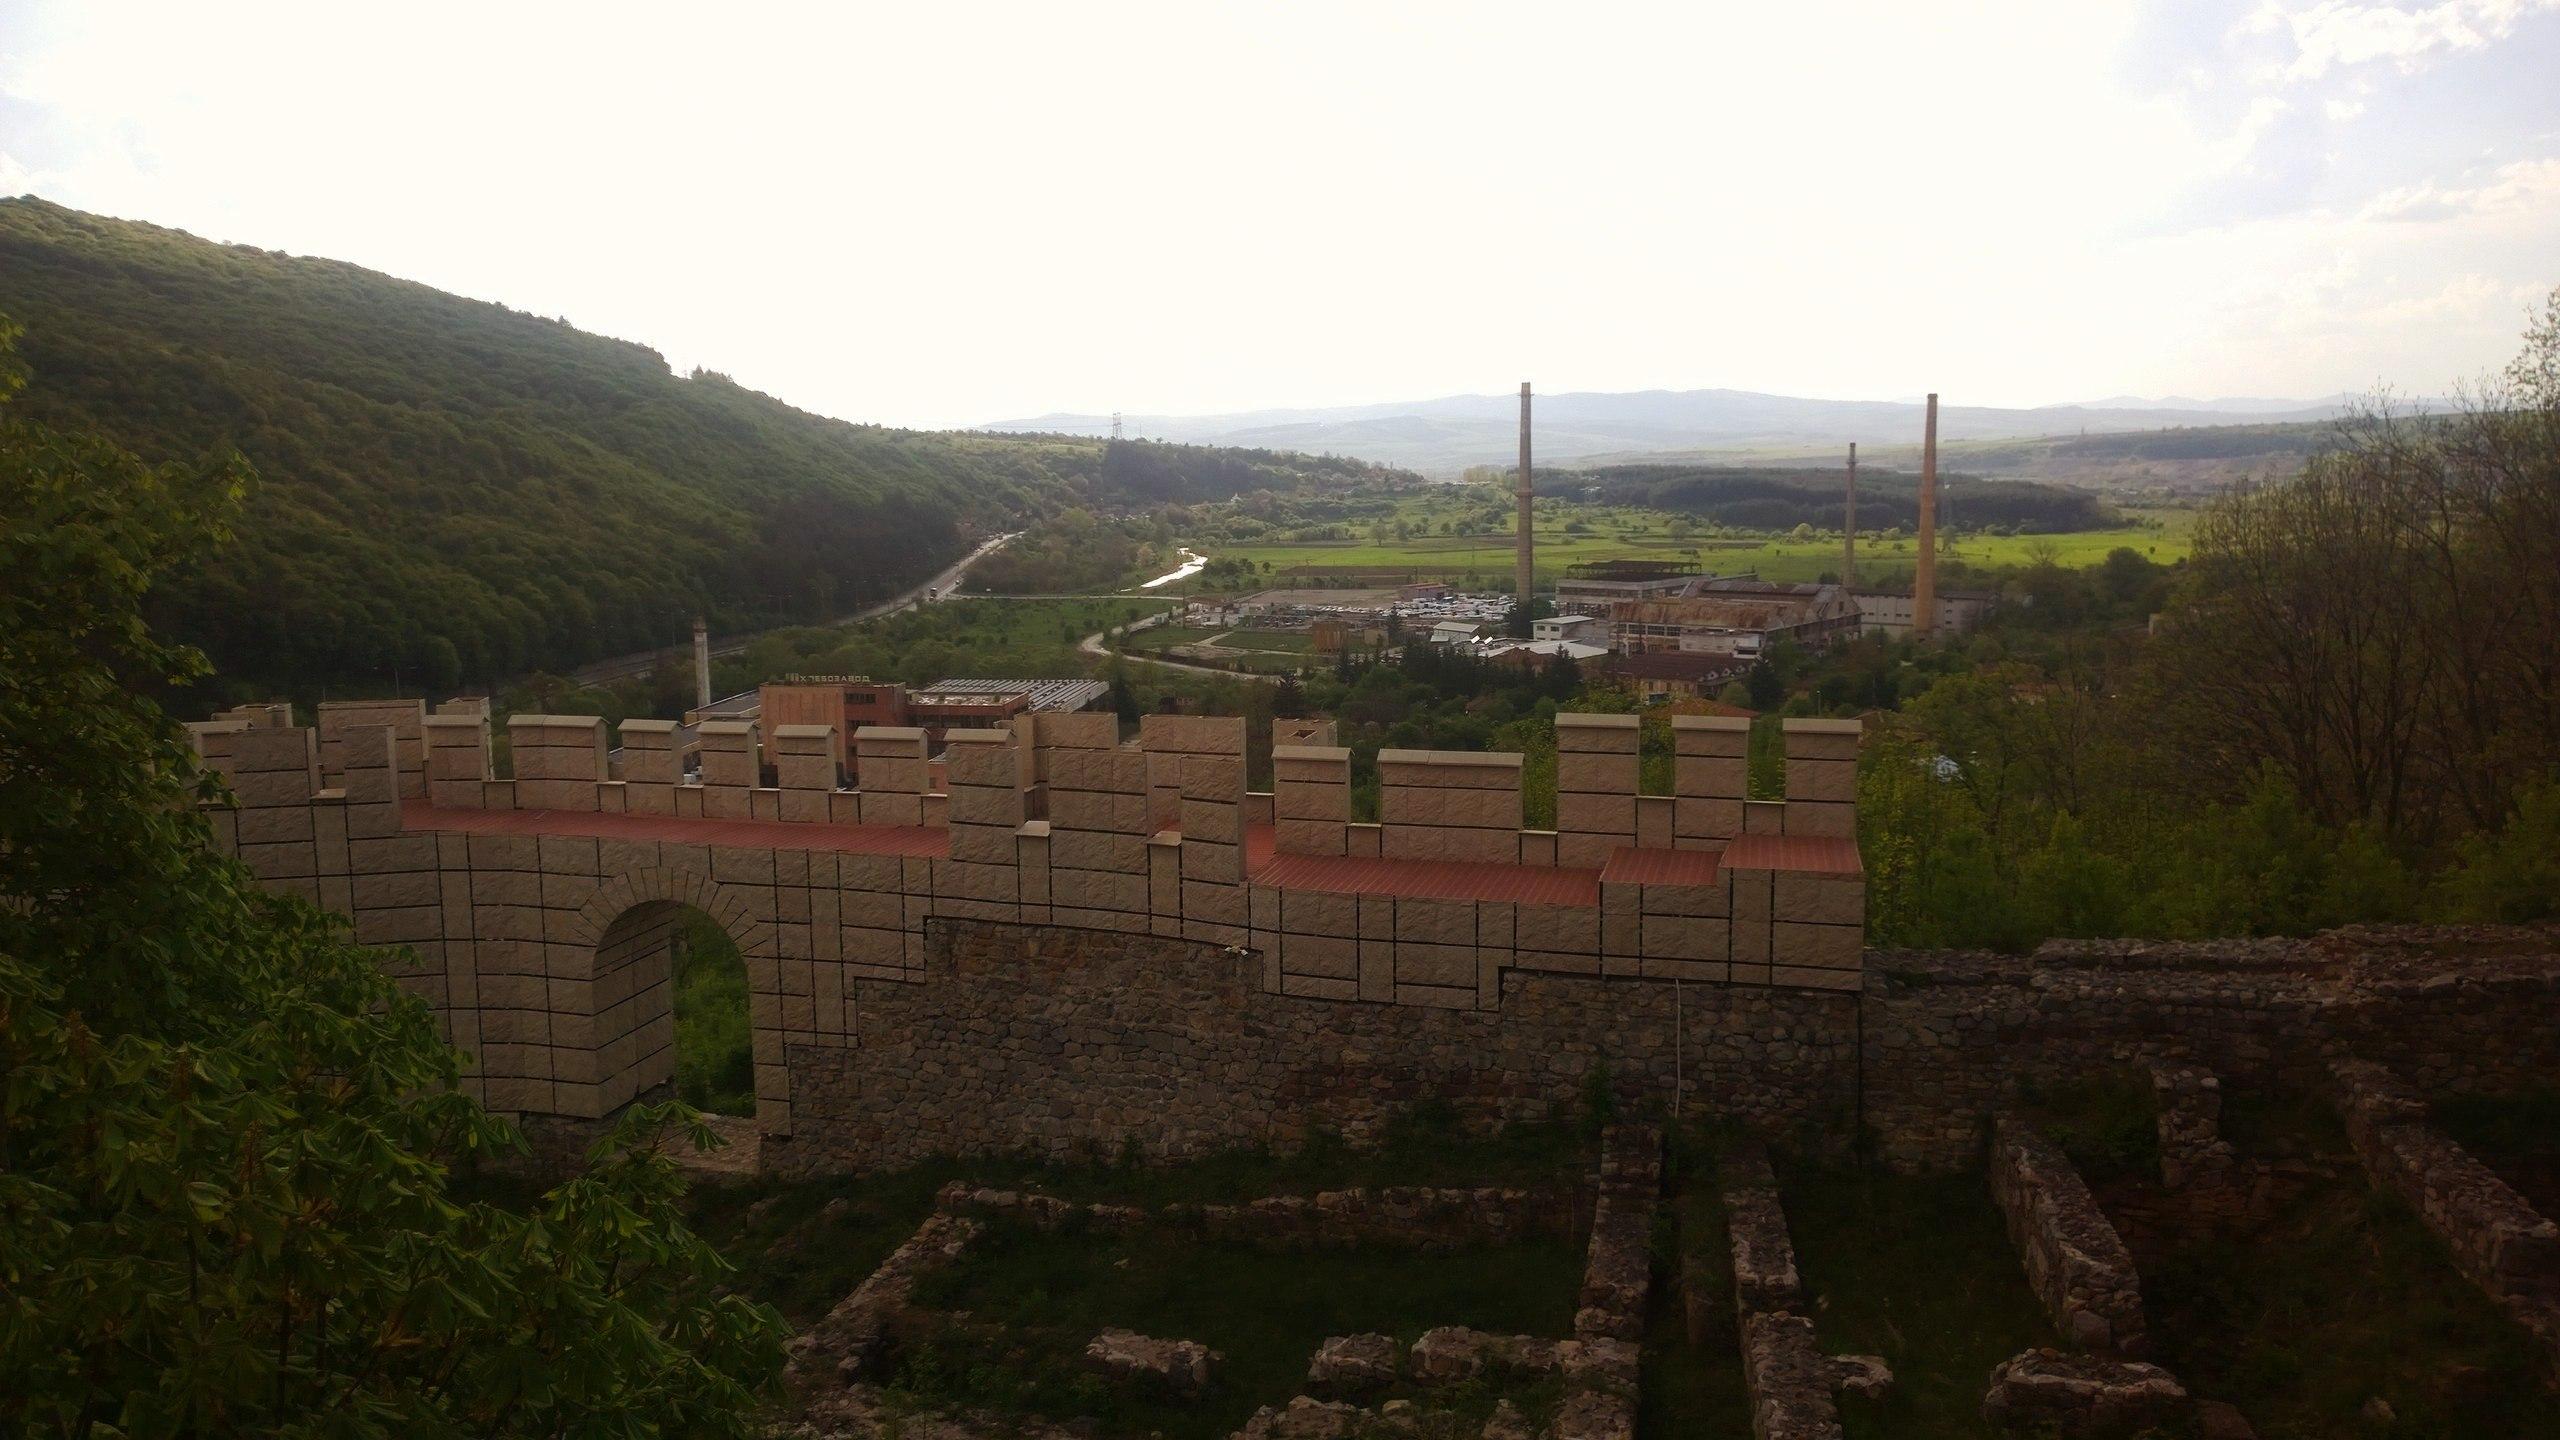 Путешествие в Болгарию. Крепость Кракра - кровавая история и восхитительные виды